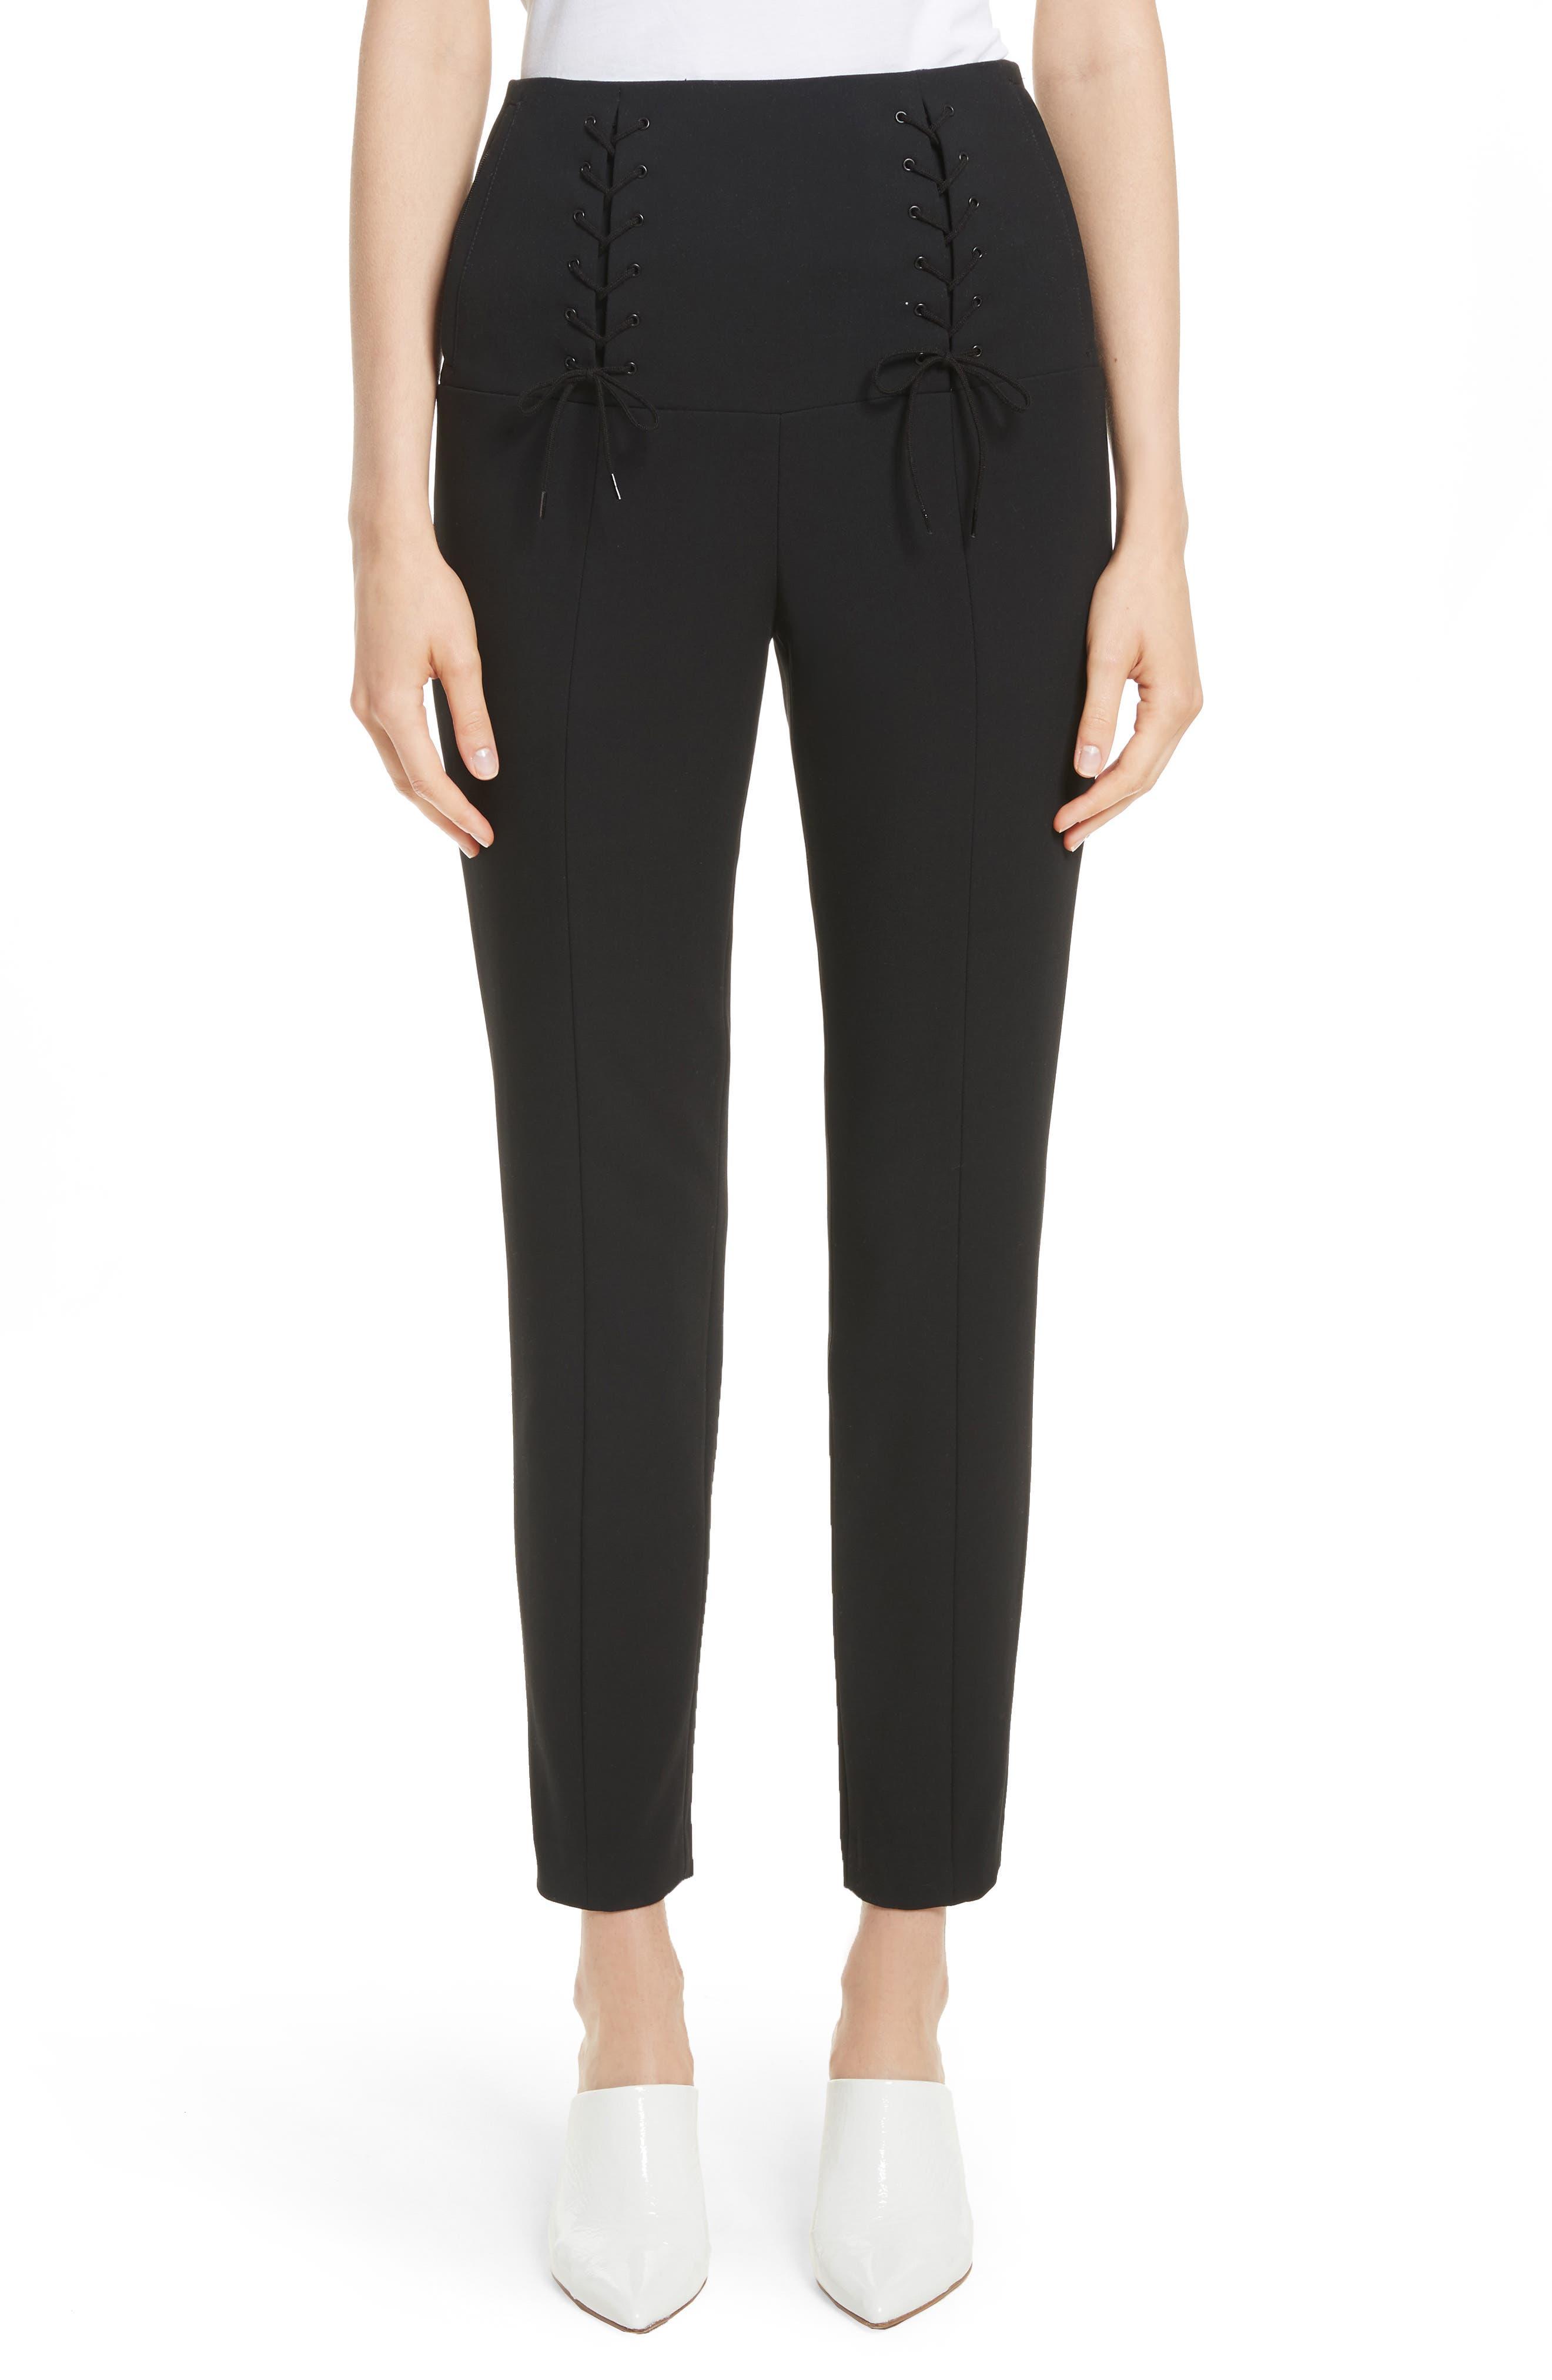 Tibi Anson Tie Detail Pants